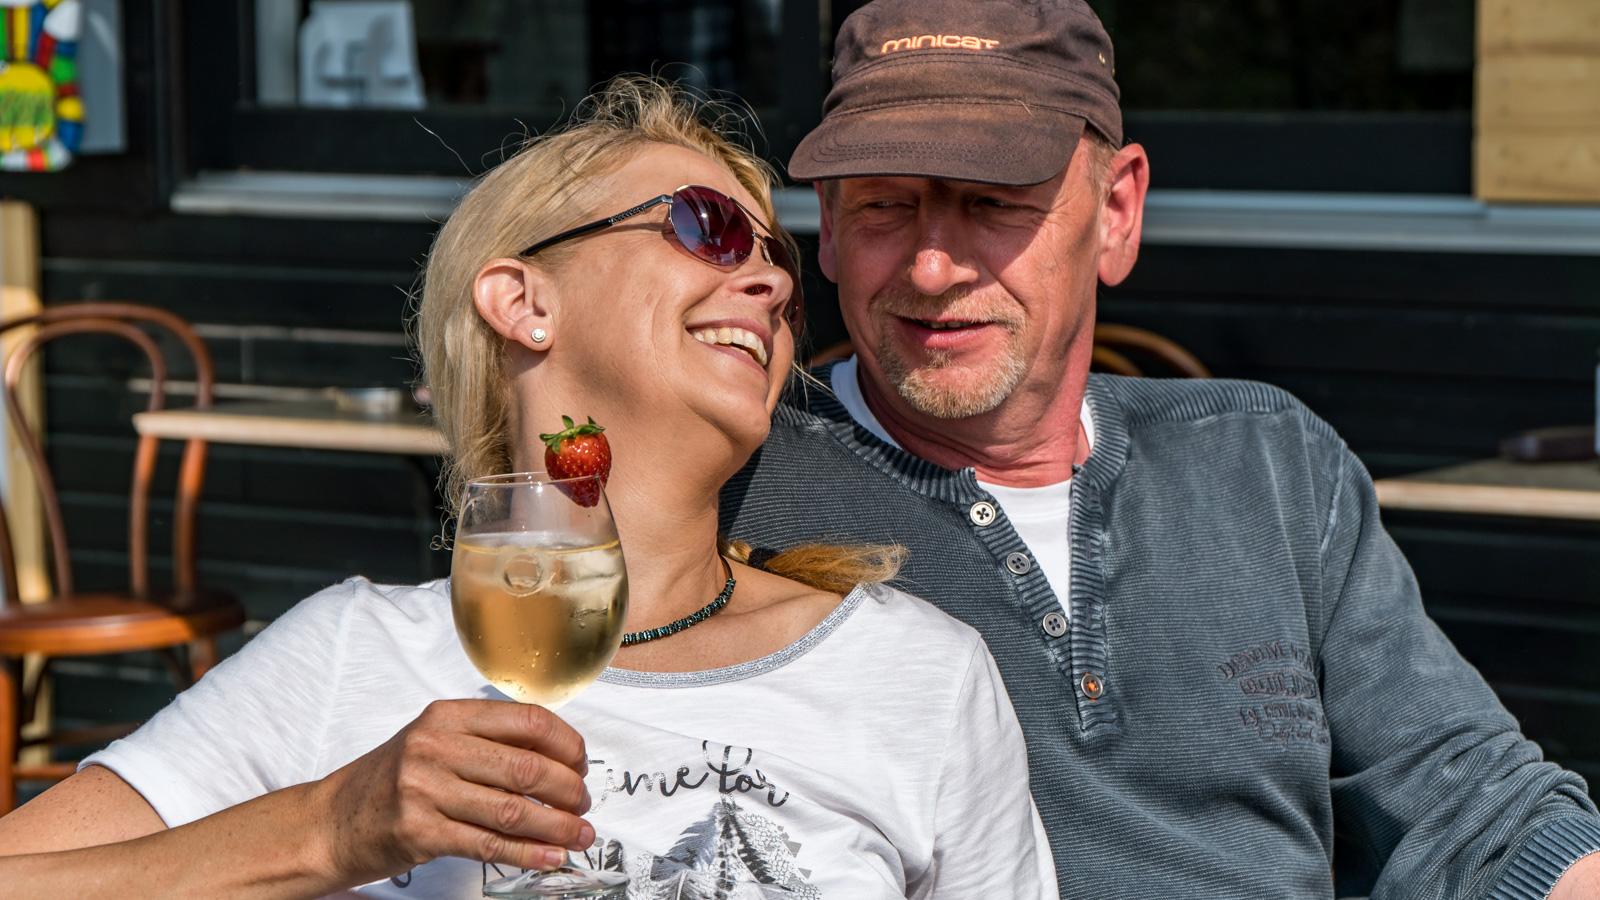 AIRNAH AM SORPESEE - FRÜHSTÜCK, CAFÉ & WARME KÜCHE